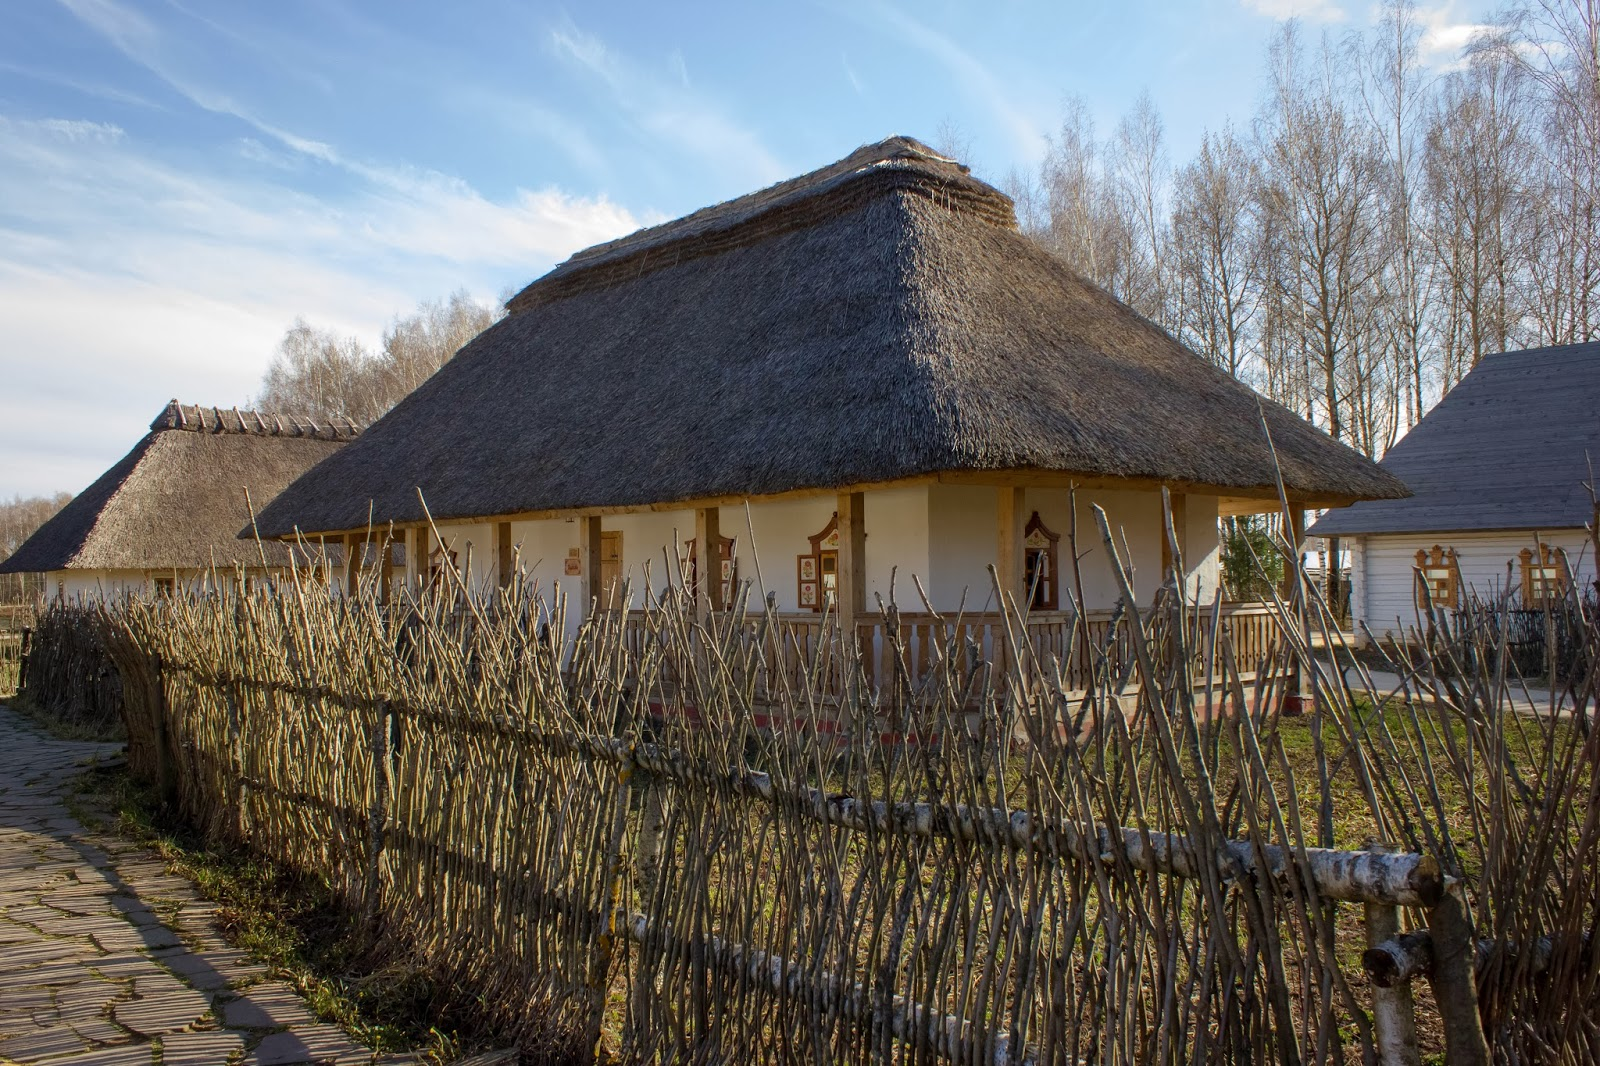 Калуга, Калужская область, Этномир, Забор